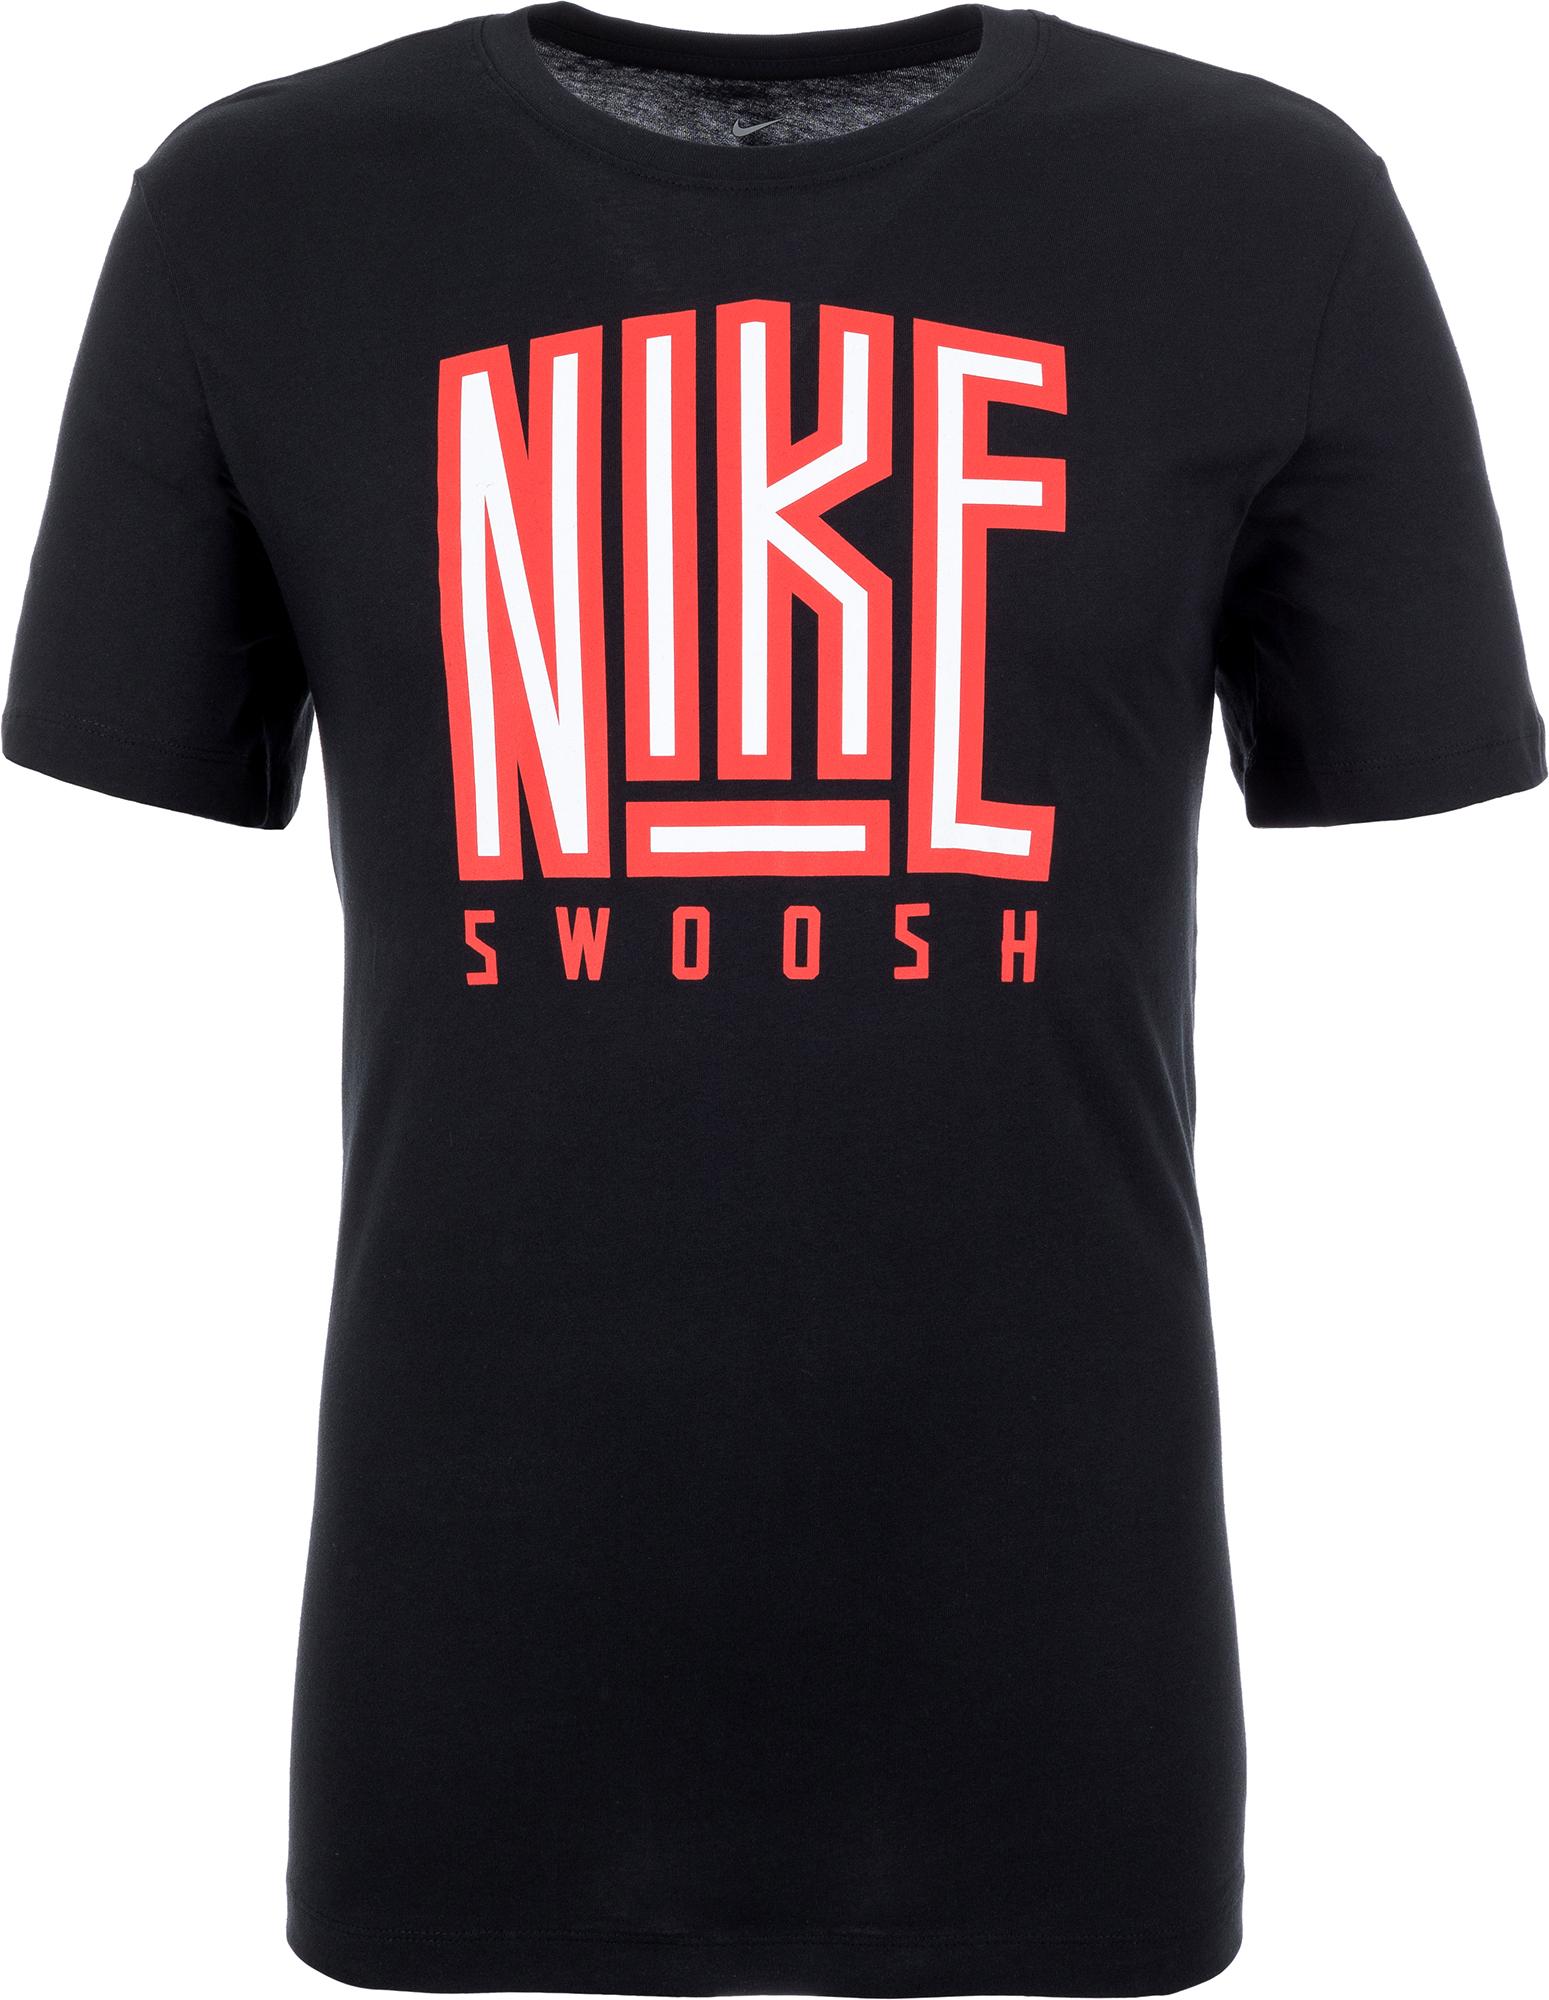 купить Nike Футболка мужская Nike Sportswear Swoosh, размер 50-52 недорого